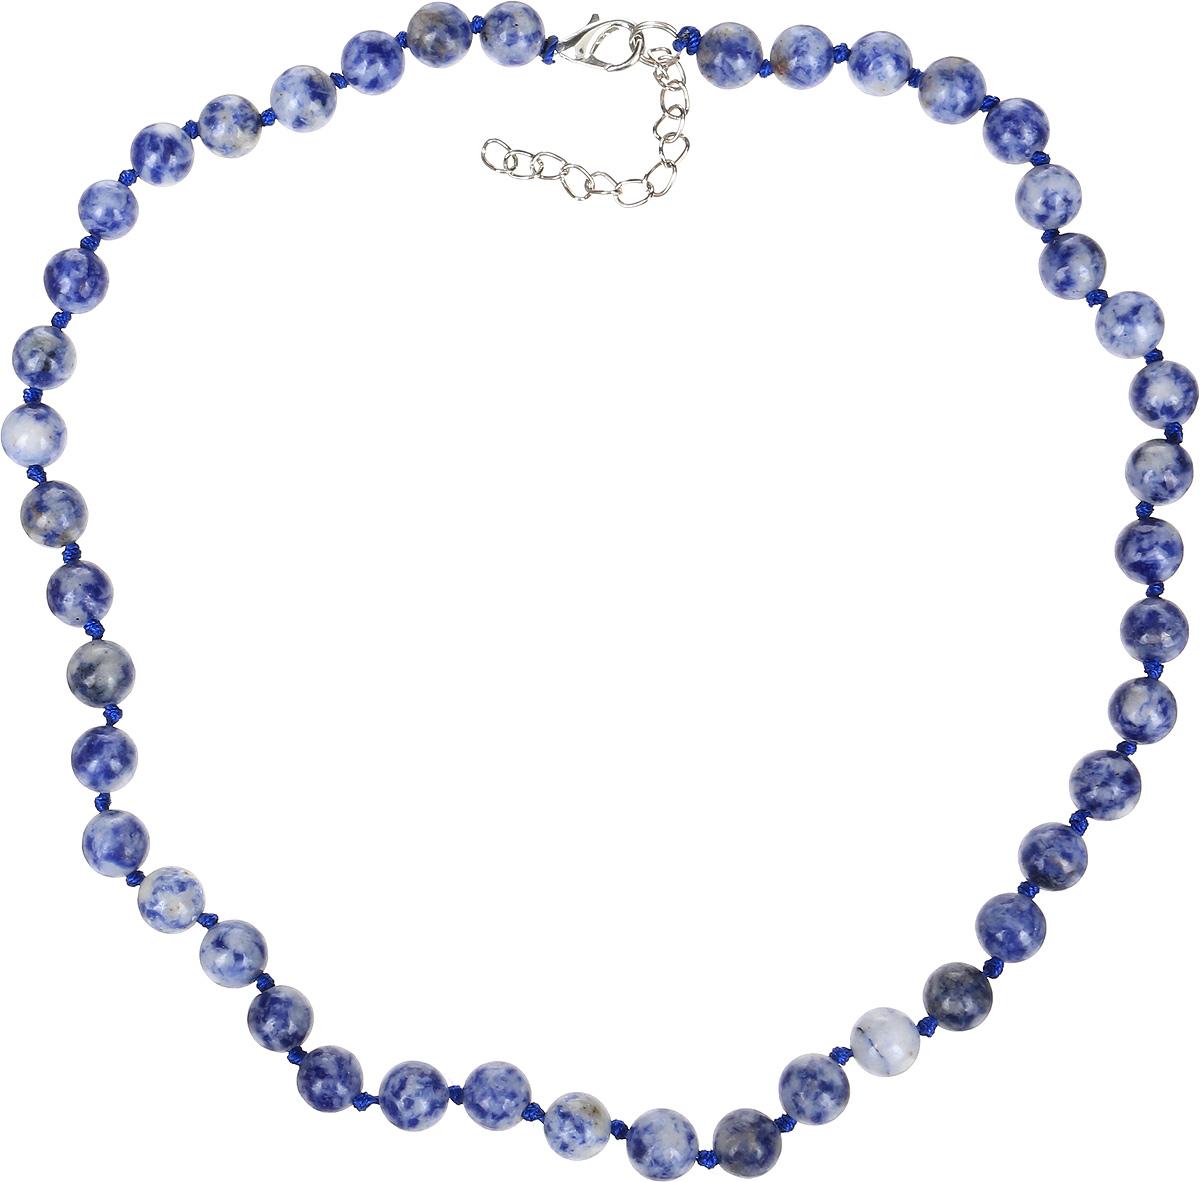 Бусы Револю Классика № 8, цвет: синий. НСД-1(8)-44-1Колье (короткие одноярусные бусы)Синий содалит - это камень очаровательный и эффектный. Он имеет цвет тёплого южного моря. Завораживающий цвет содалита особенно понравится обладательницам синих глаз - ведь с этим великолепным украшением, в котором сияет синий содалит, ваши прекрасные очи засияют, словно звёзды!